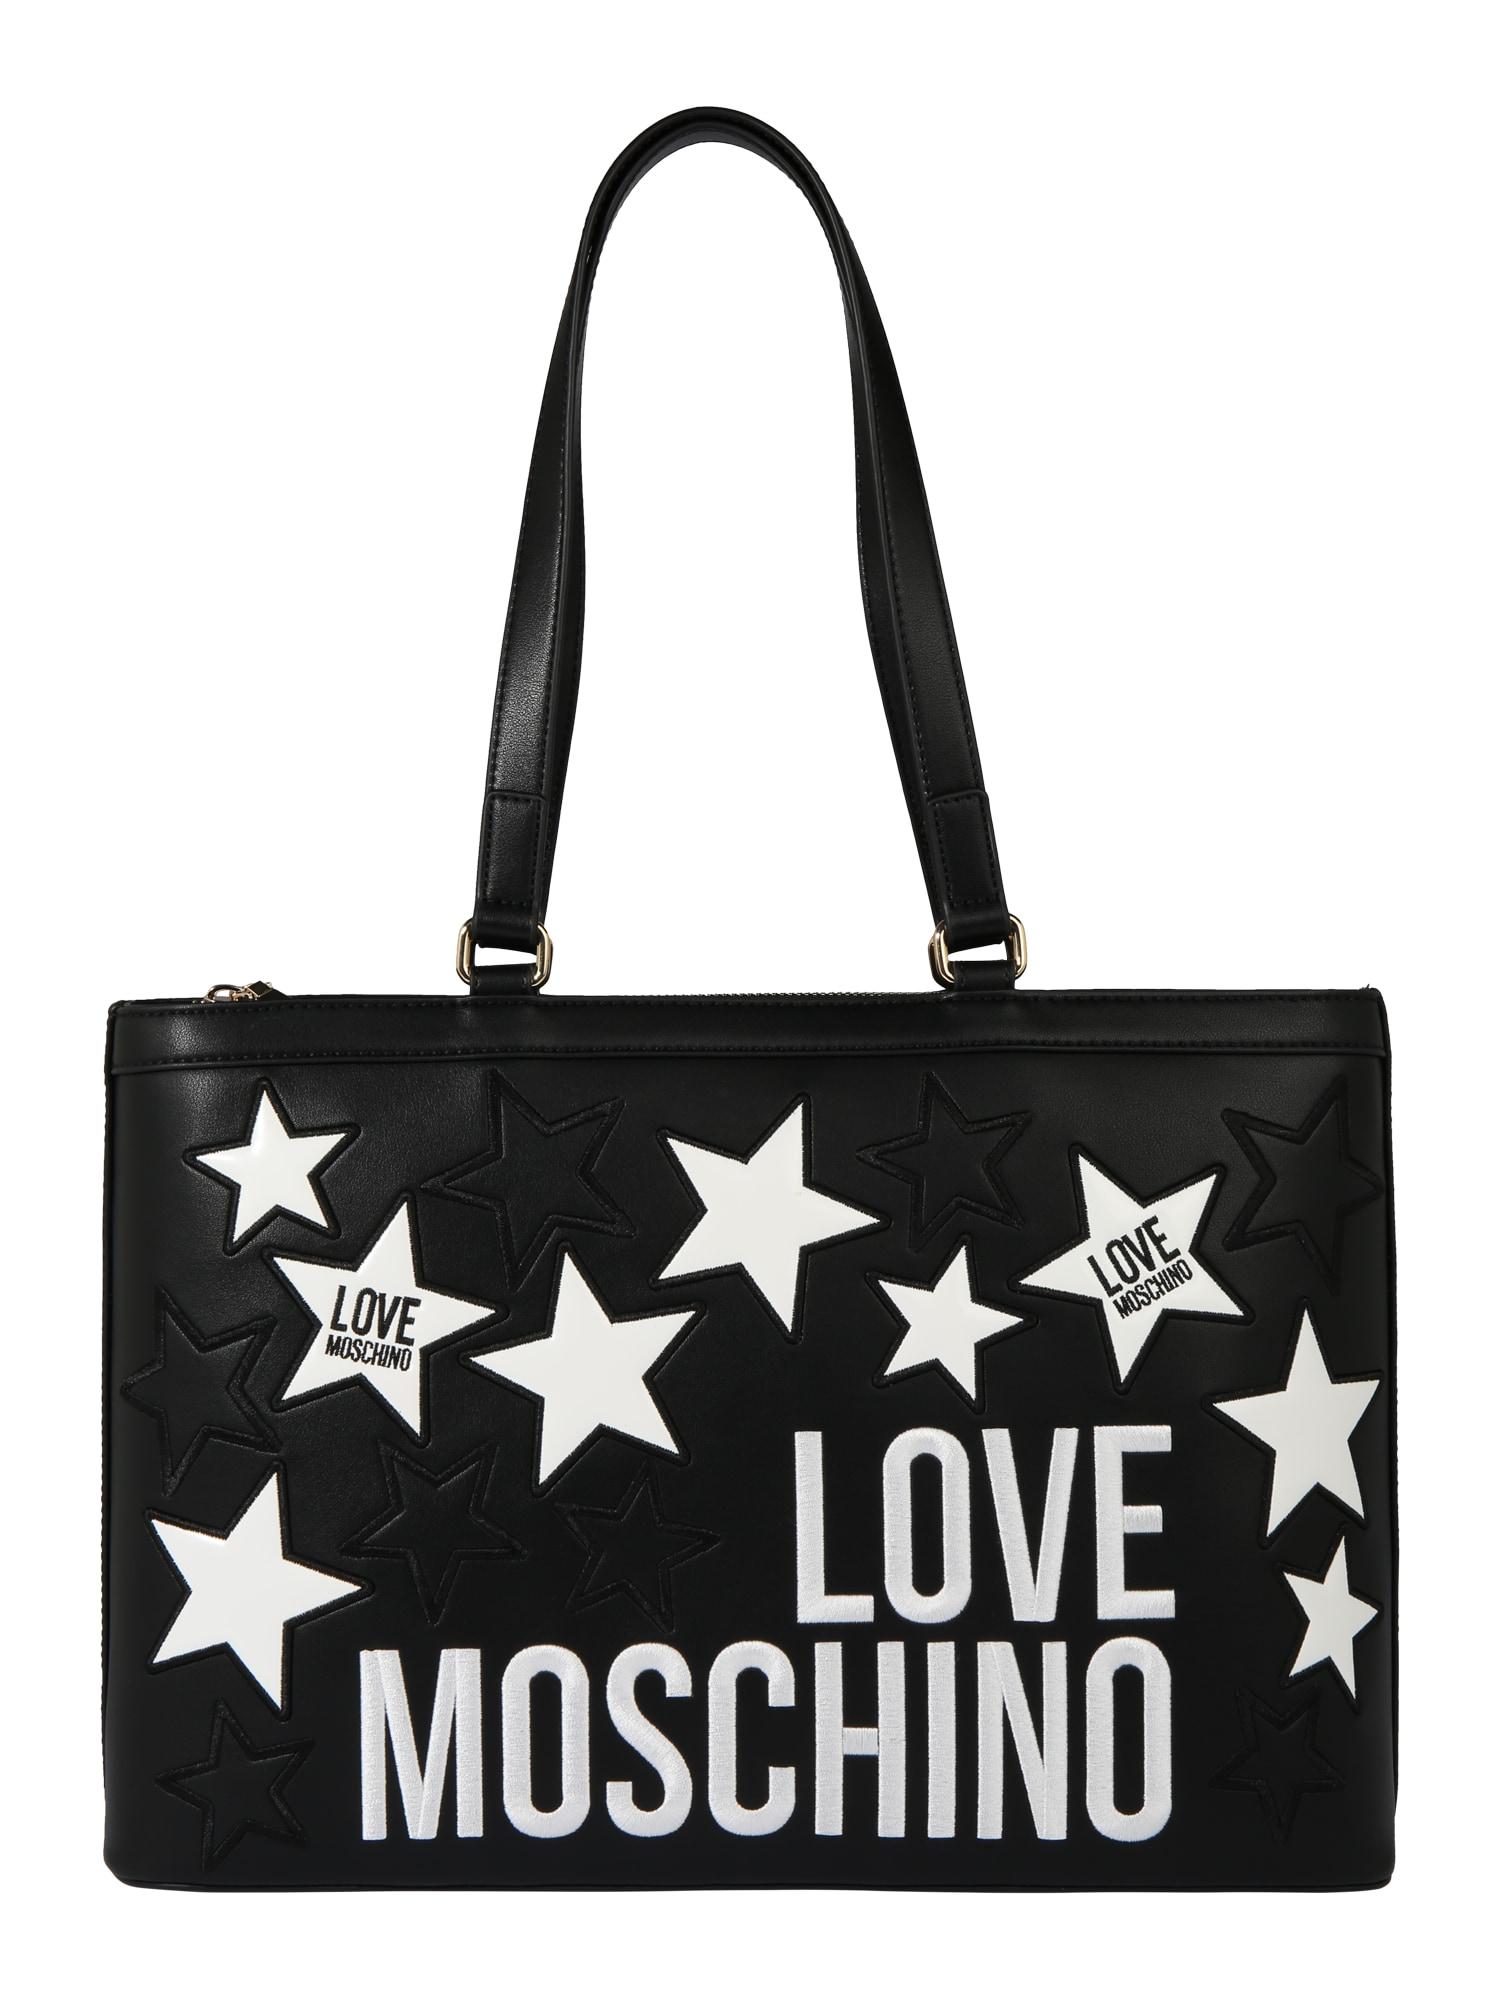 Love Moschino Pirkinių krepšys balta / juoda